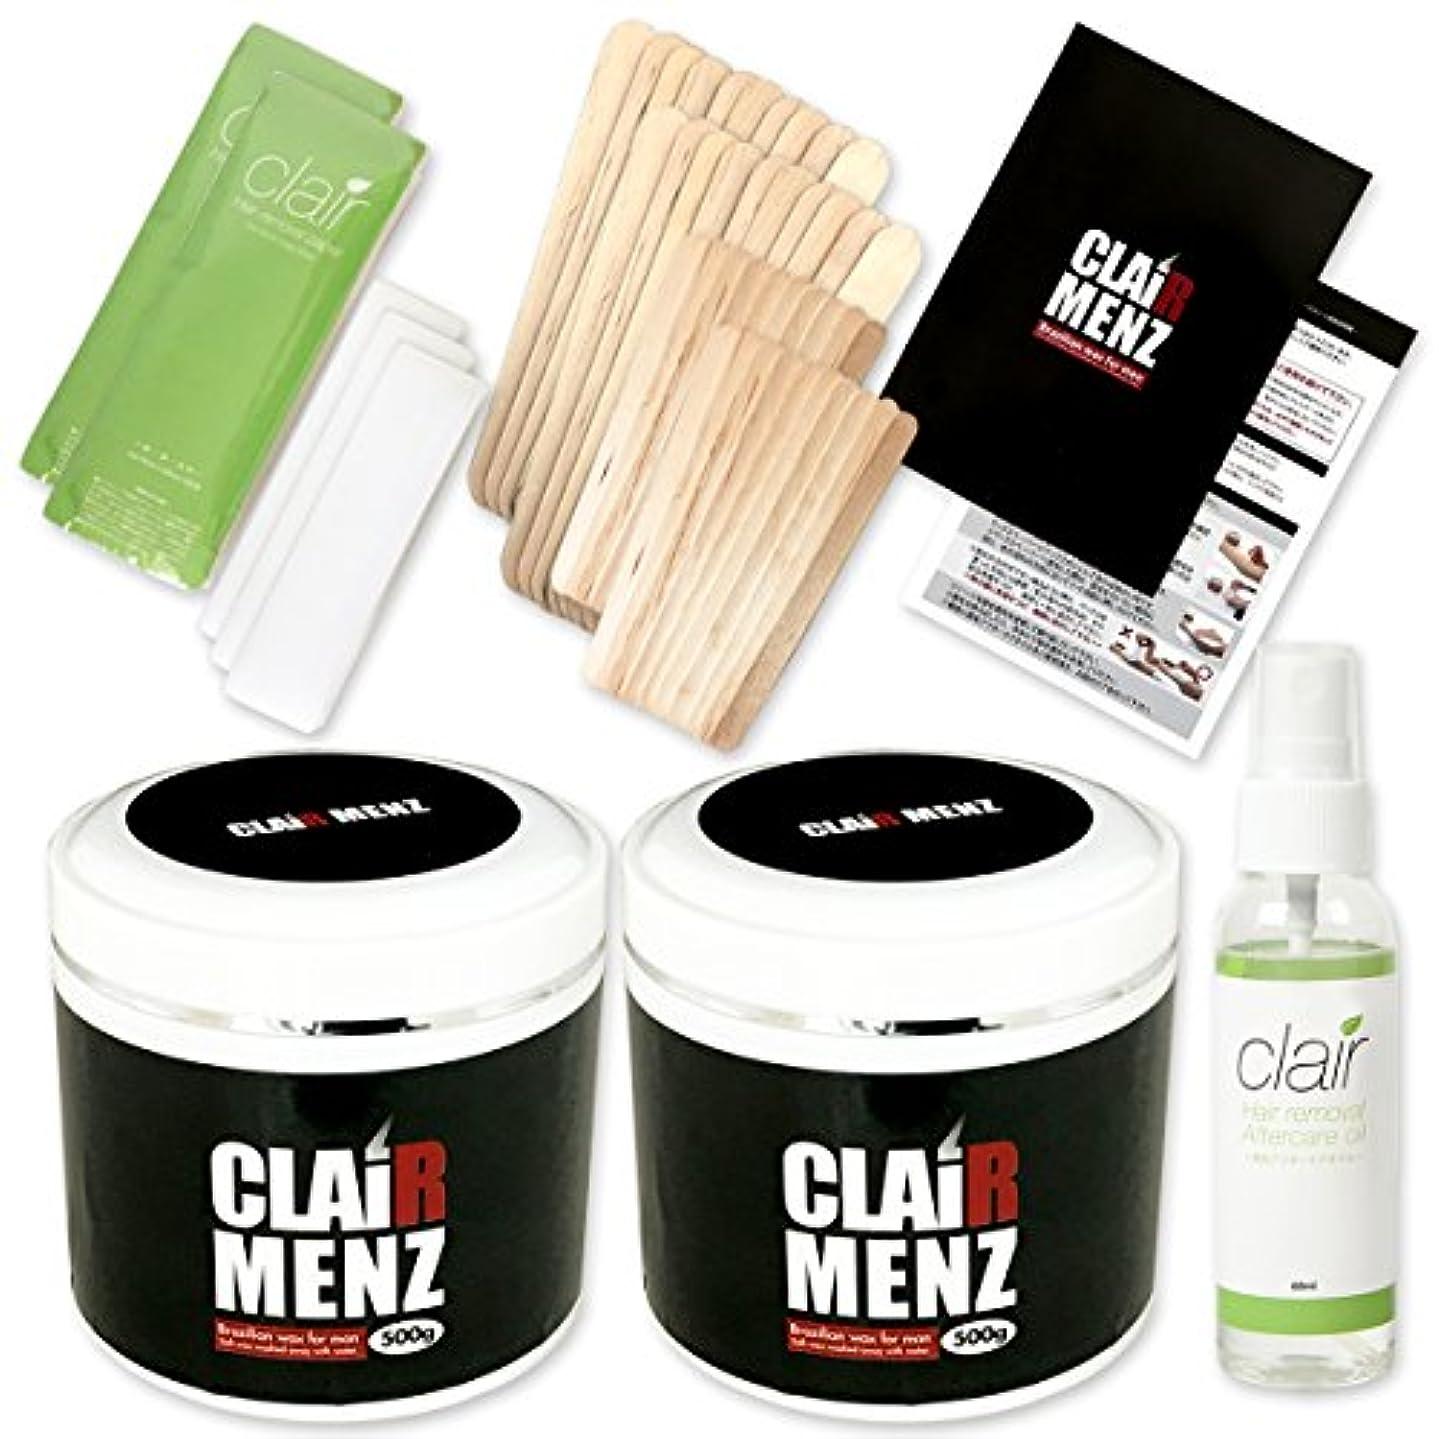 散らすシェード申し込むブラジリアンワックス メンズ専用 clair Menz wax 初めてのブラジリアンワックス 脱毛 全身キット メンズ脱毛専用ラベル 無添加ワックス 【取扱説明書付】